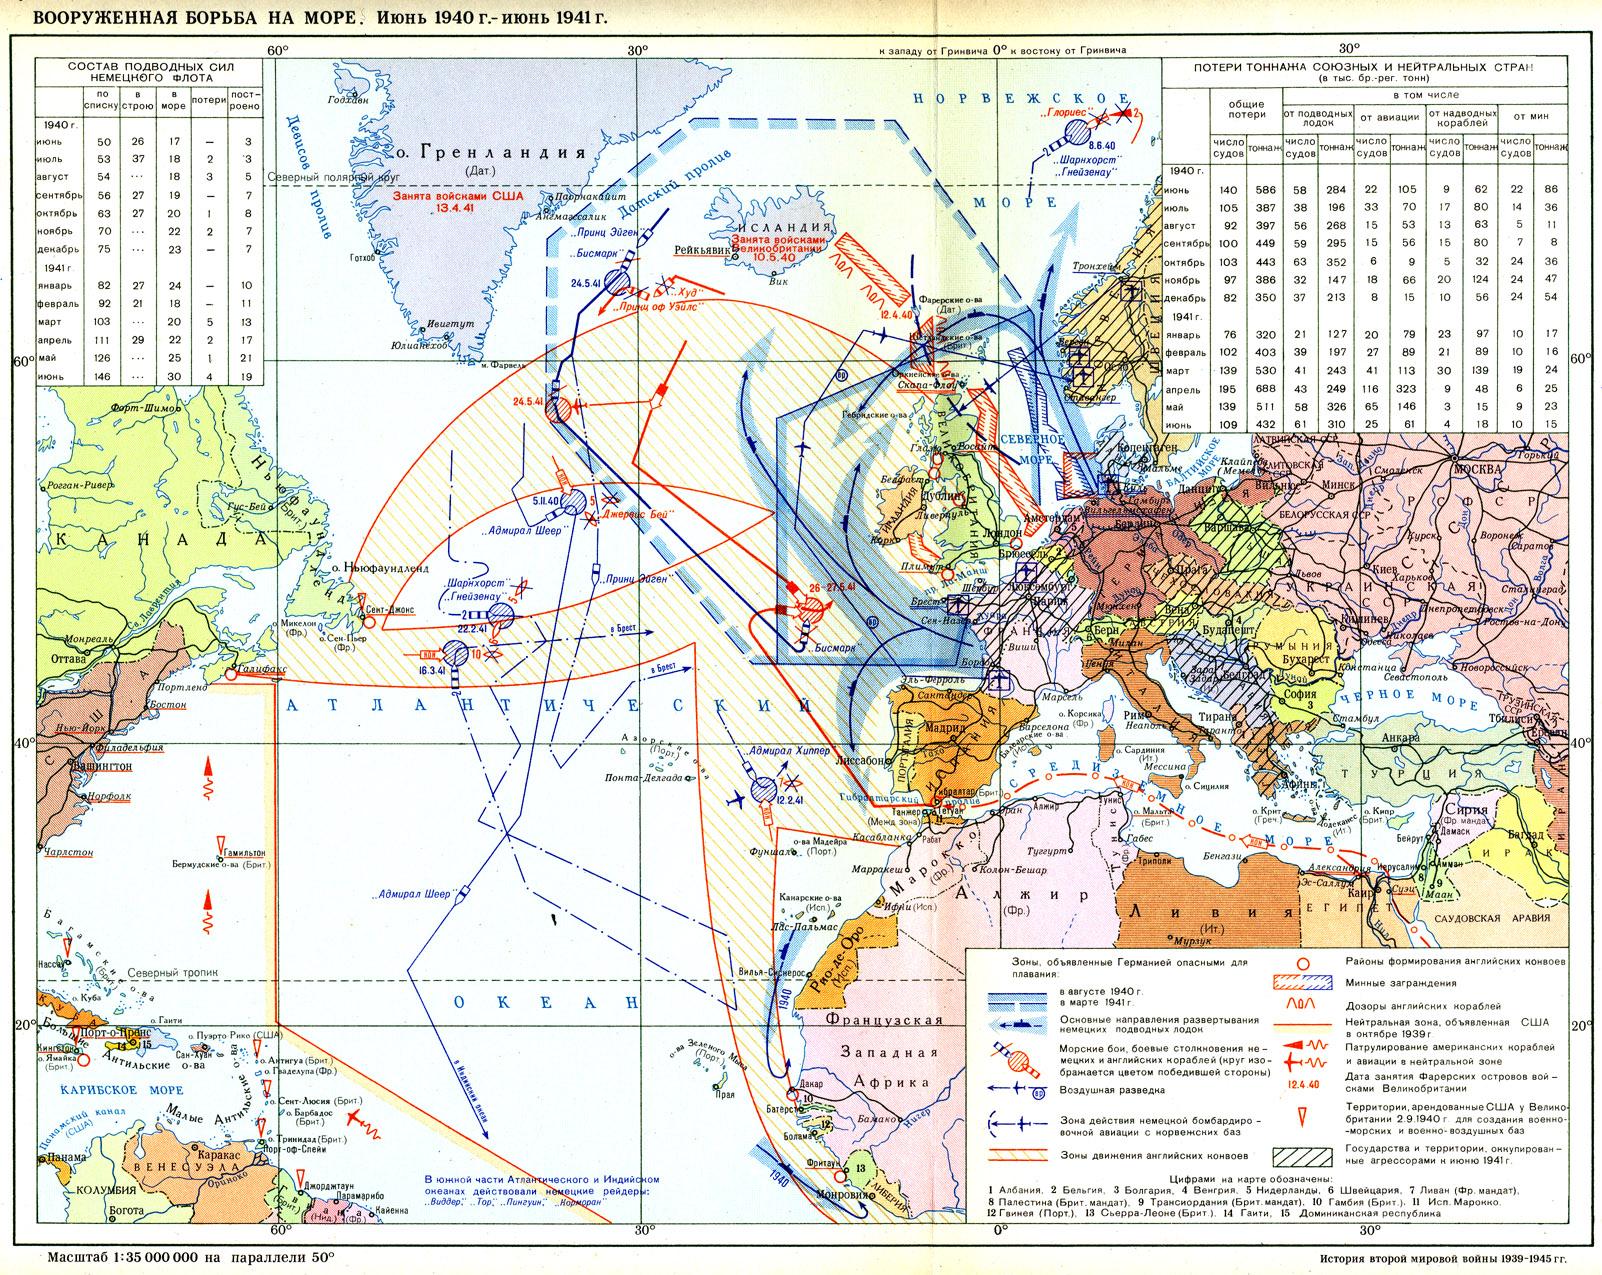 Карта Европы 1940 Г - downloaddj: http://downloaddj215.weebly.com/blog/karta-evropi-1940-g